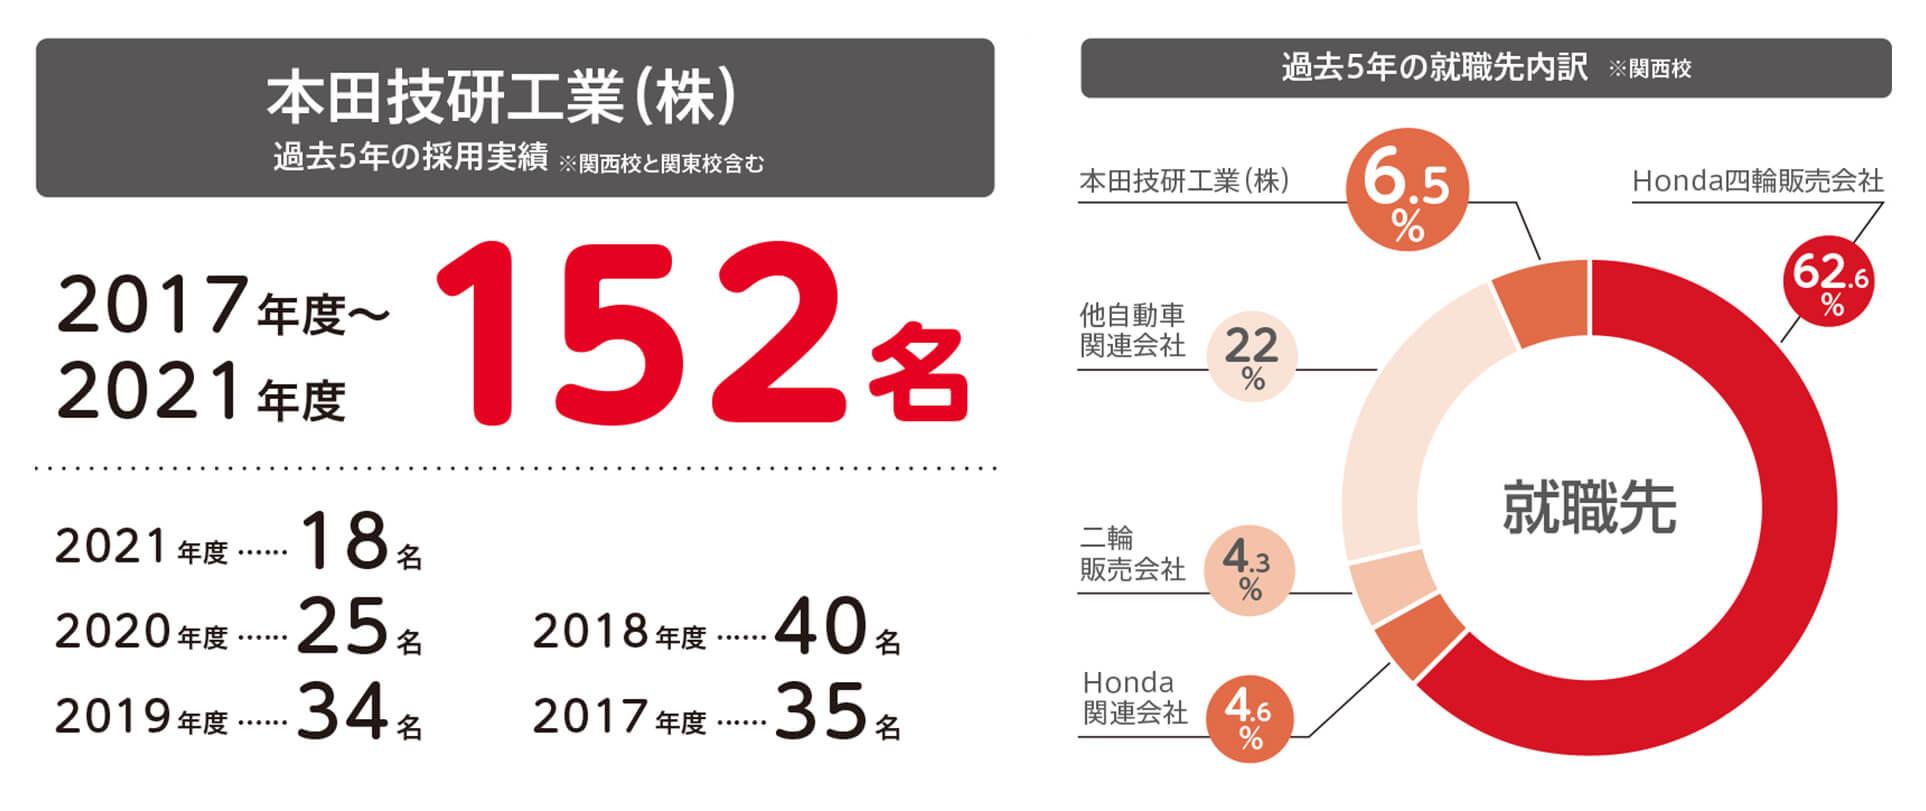 本田技研工業(株) 採用実績